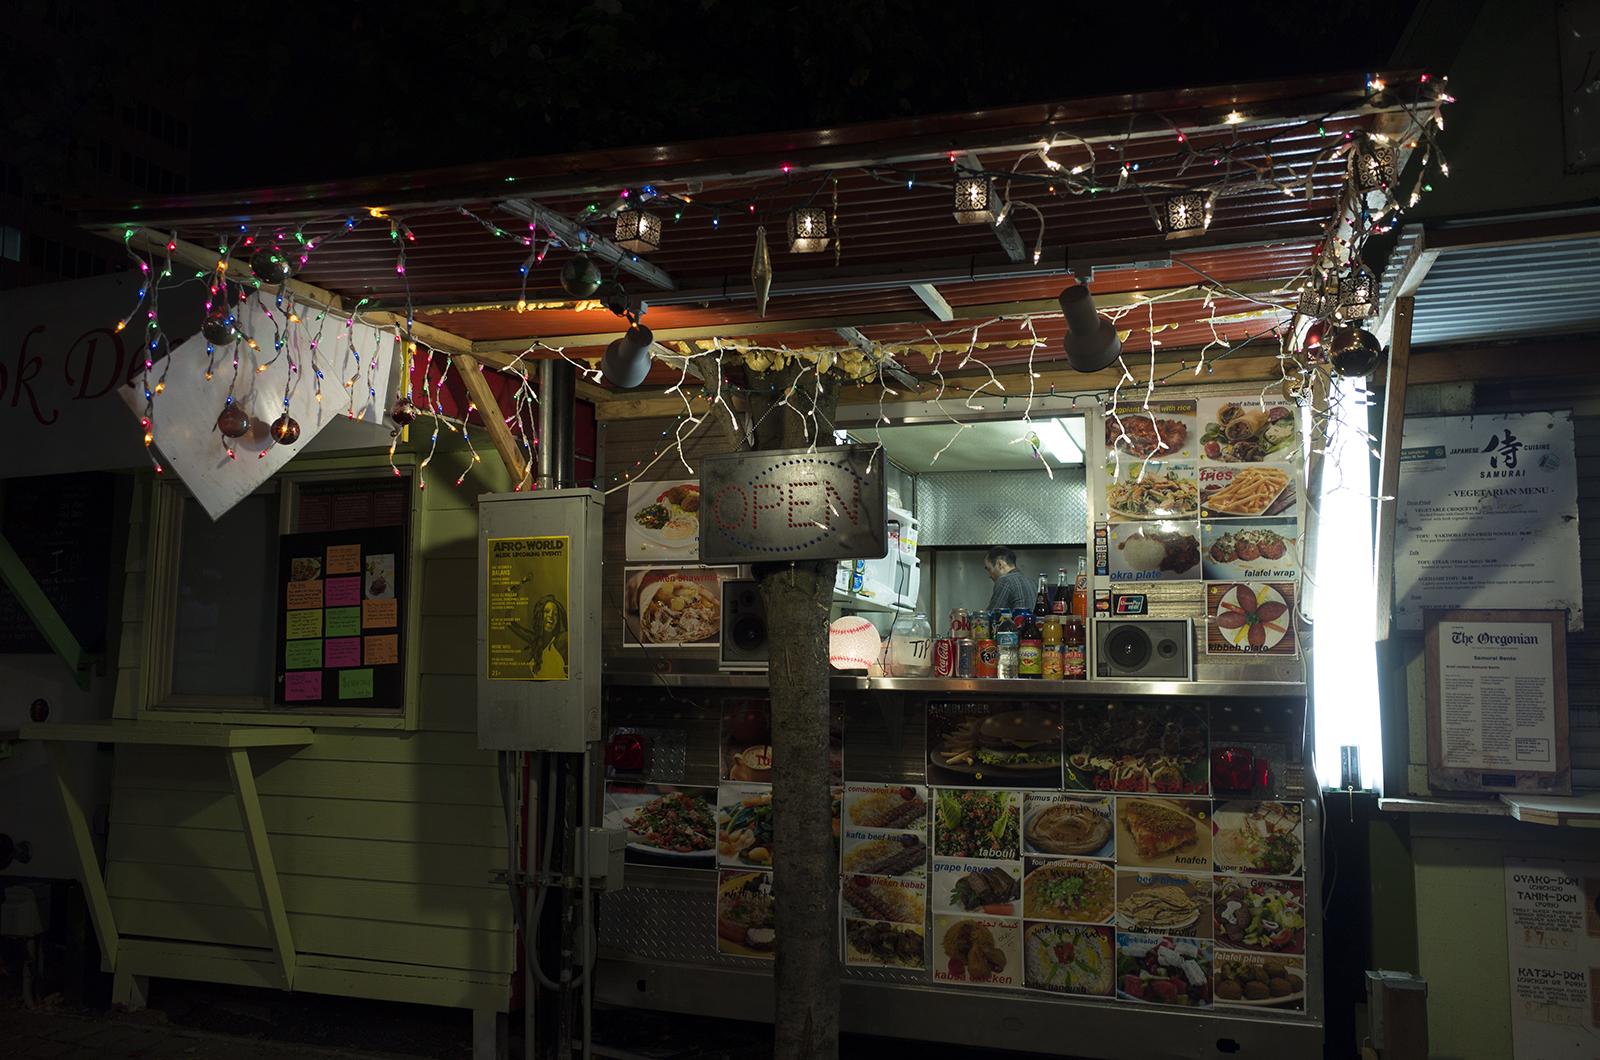 アメリカの旅2014:お腹がすいた深夜に開いてたのはホテル近くにあったフードカート